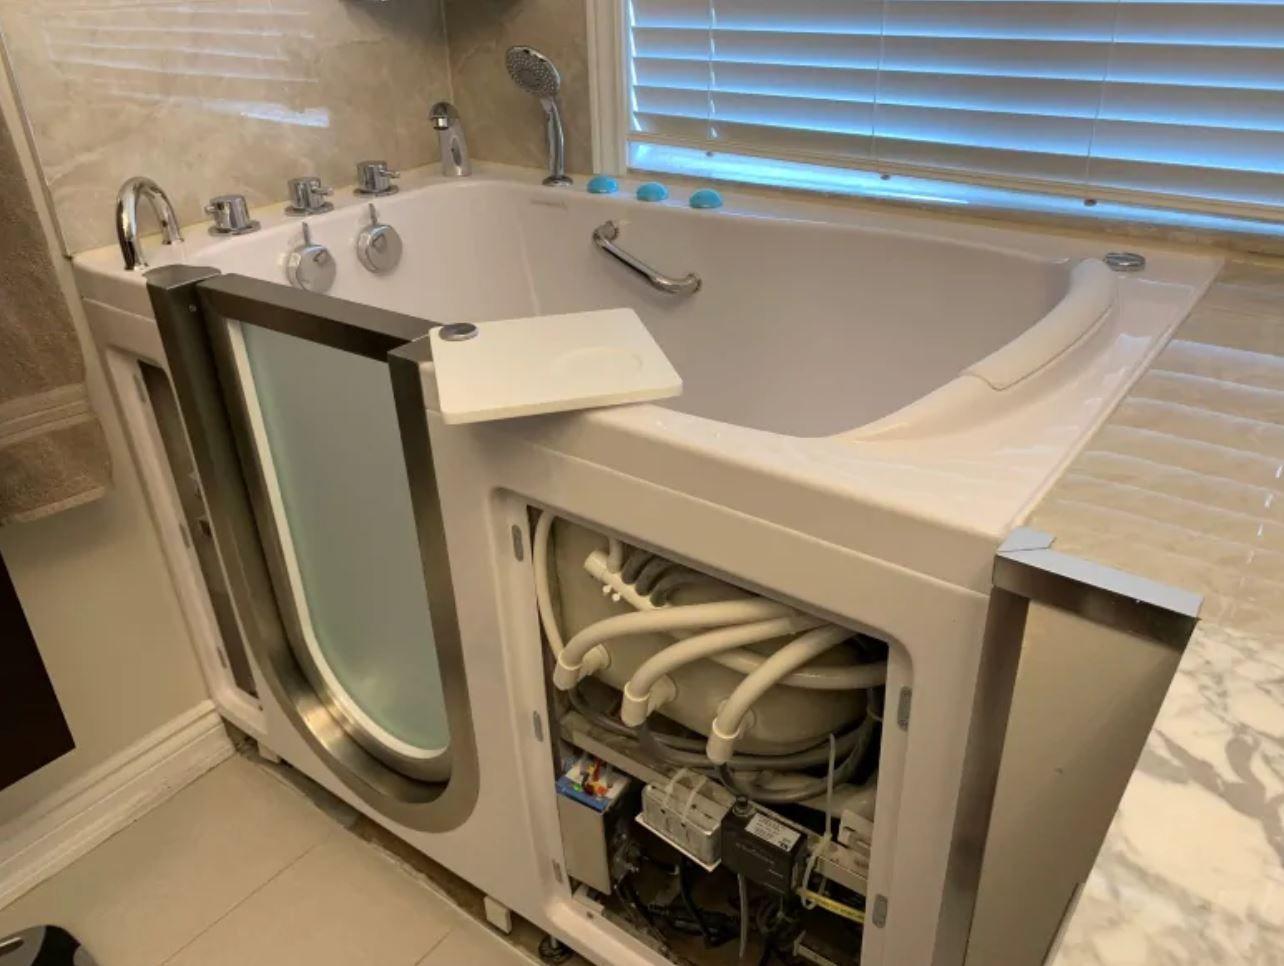 Home Depot也坑人?多伦多女子花$2.7万装浴缸,整个家都毁了